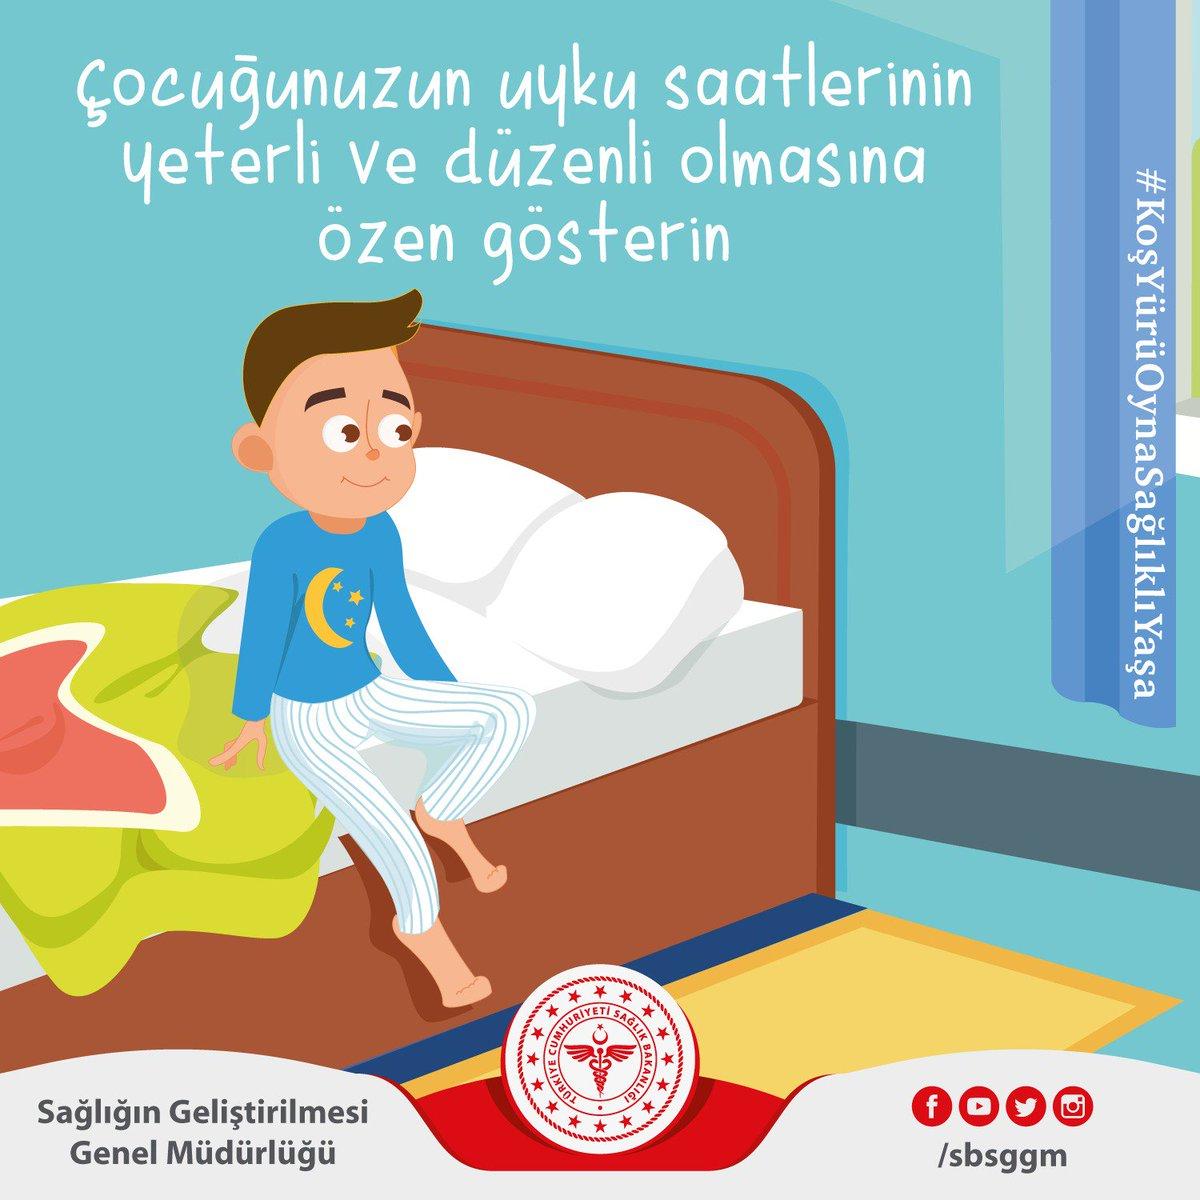 Yeterli sürede ve düzenli uyumak organların ve sistemlerin sağlıklı çalışmasını destekler. Çocuğunuzun uyku saatlerinin yeterli ve düzenli olmasına özen gösterin. #KoşYürüOynaSağlıklıYaşa